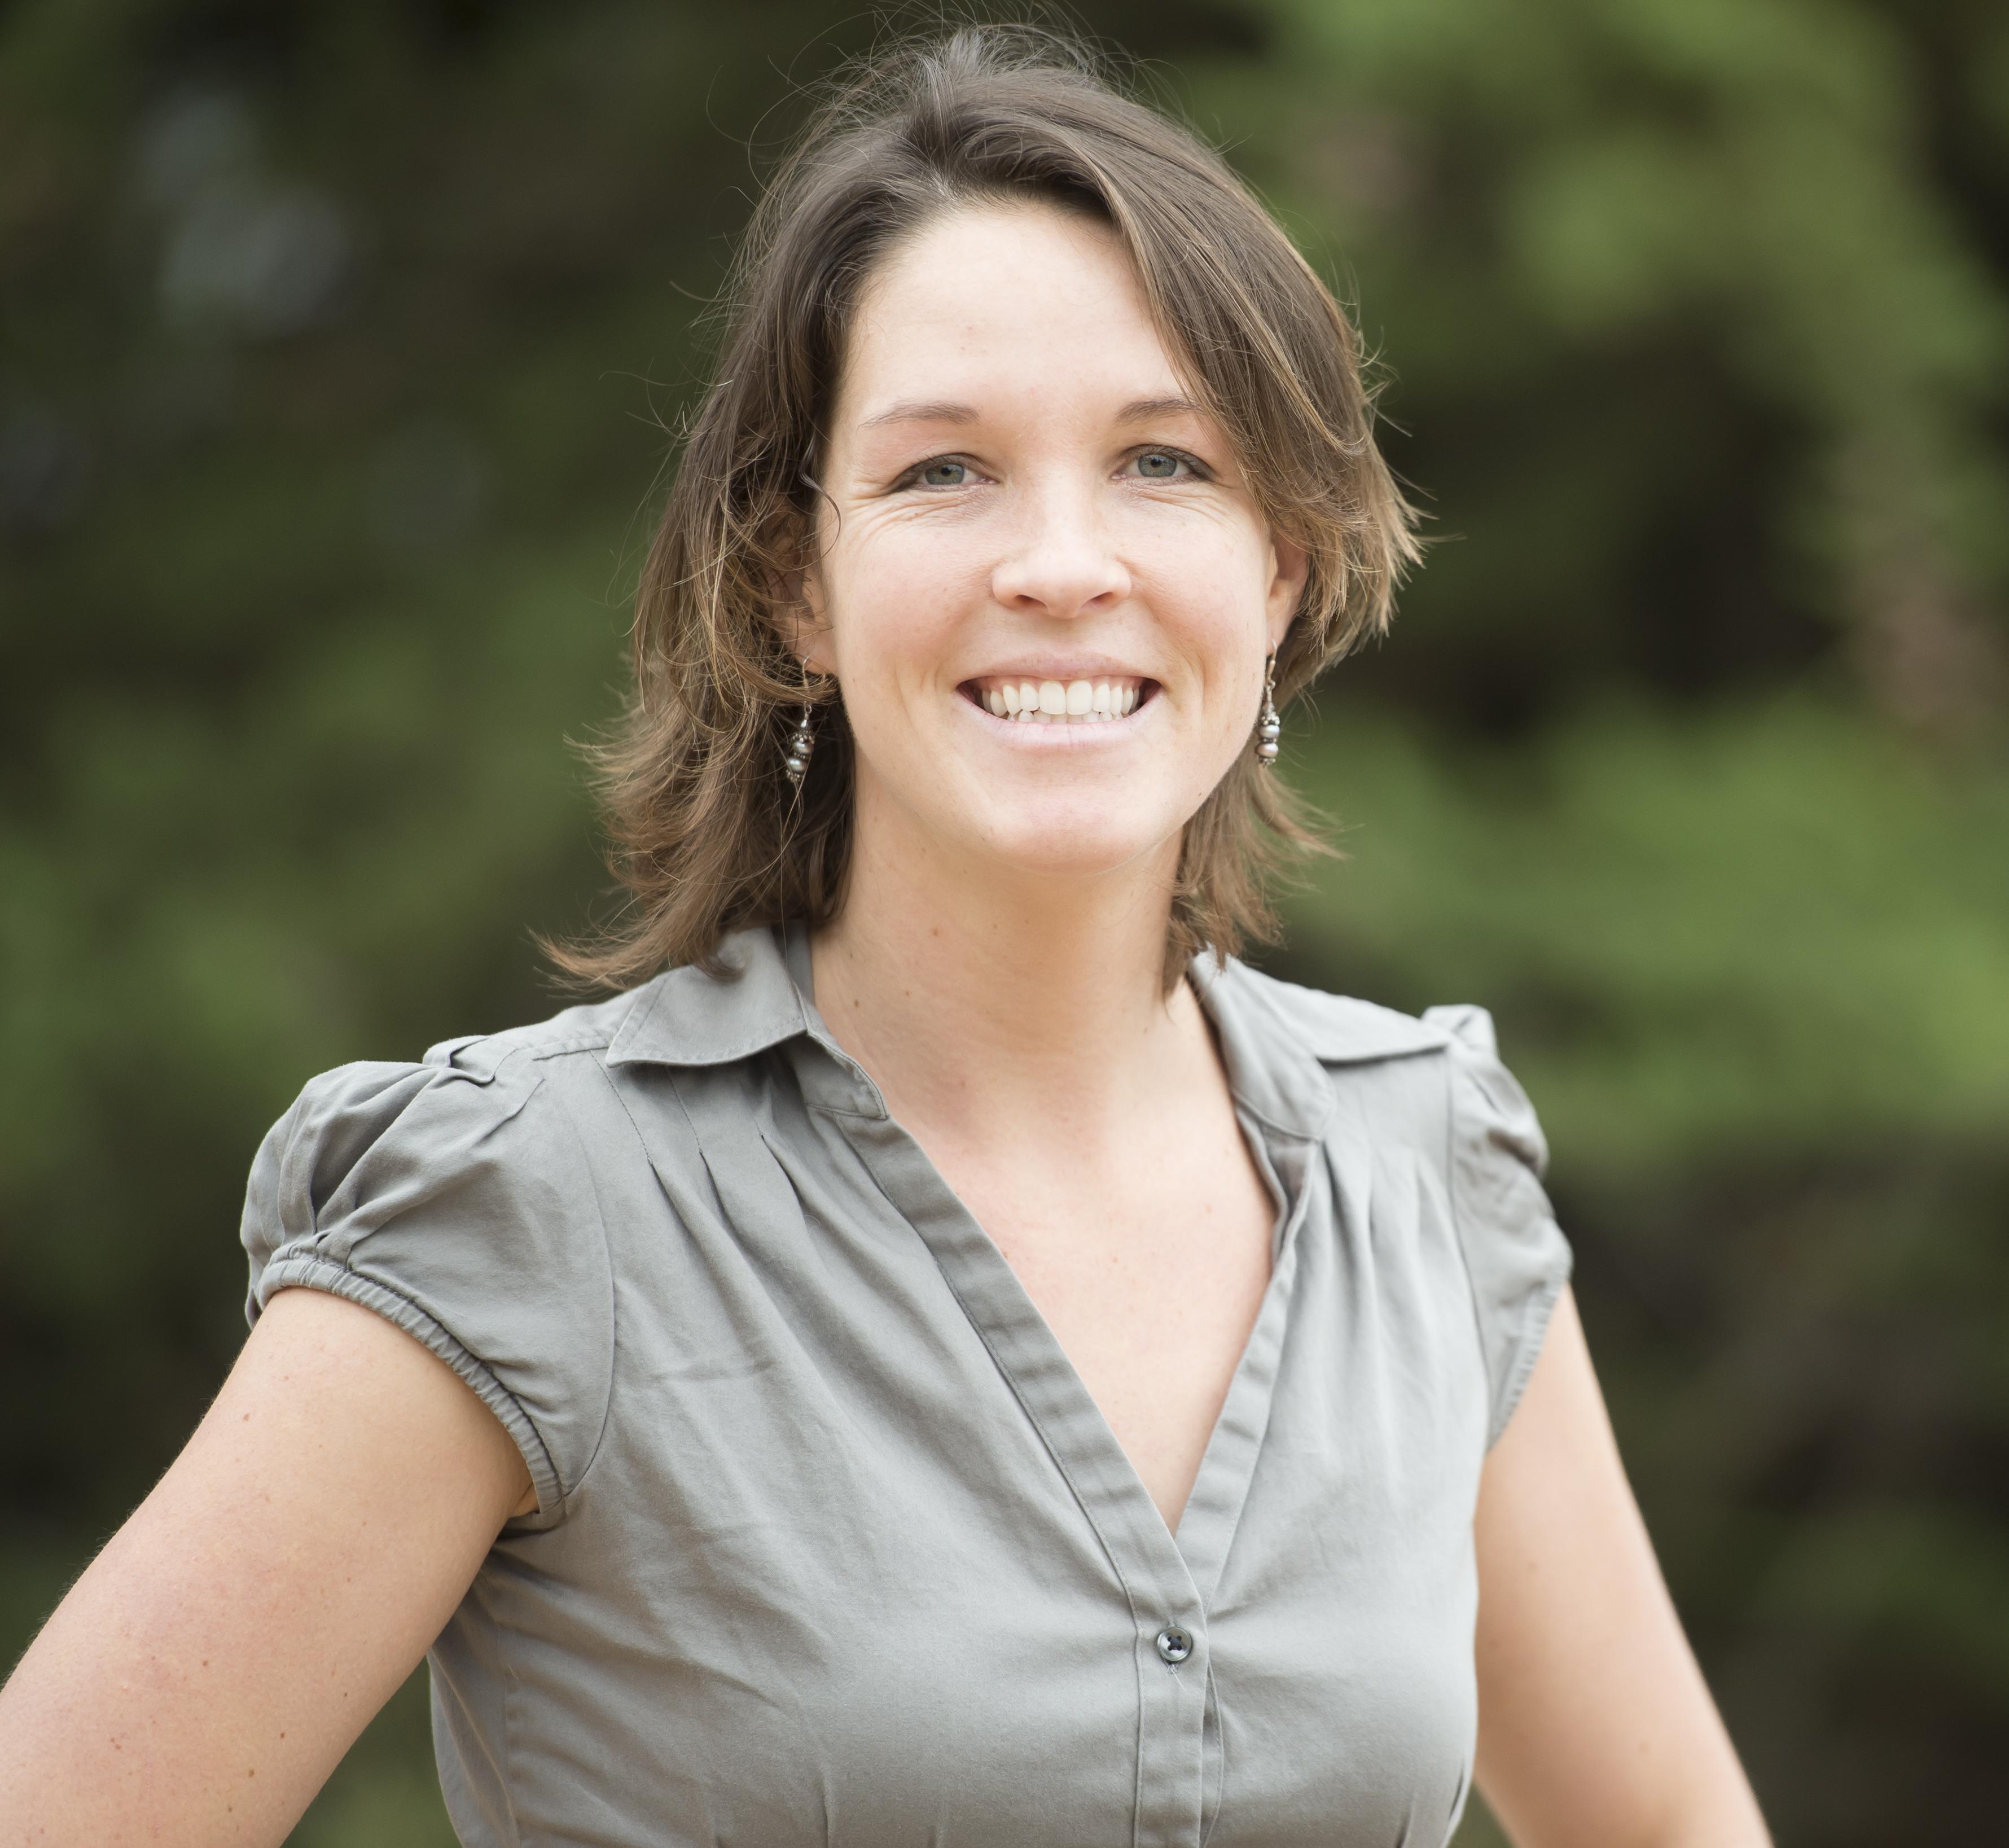 Erin Satterthwaite